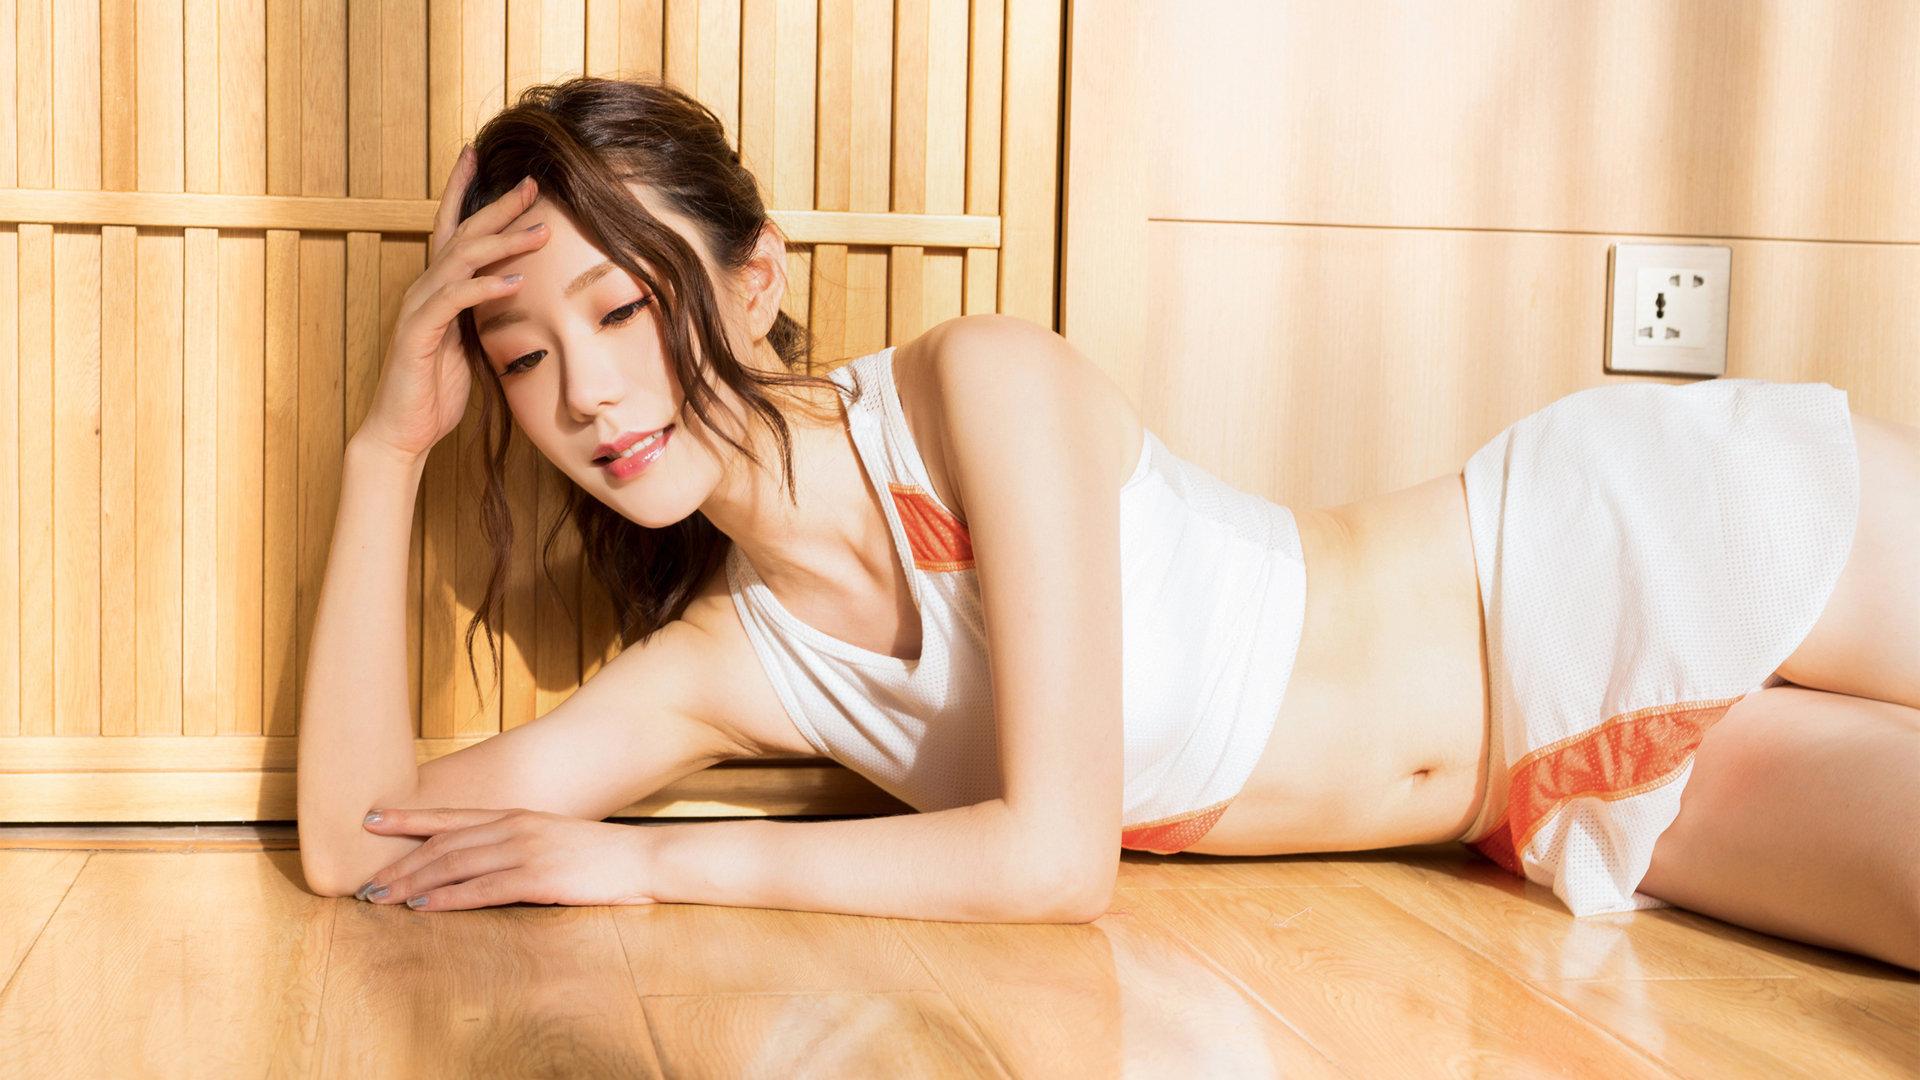 好看的高清美女壁纸_私人拍摄西西gogo高清大胆专业美女壁纸图片